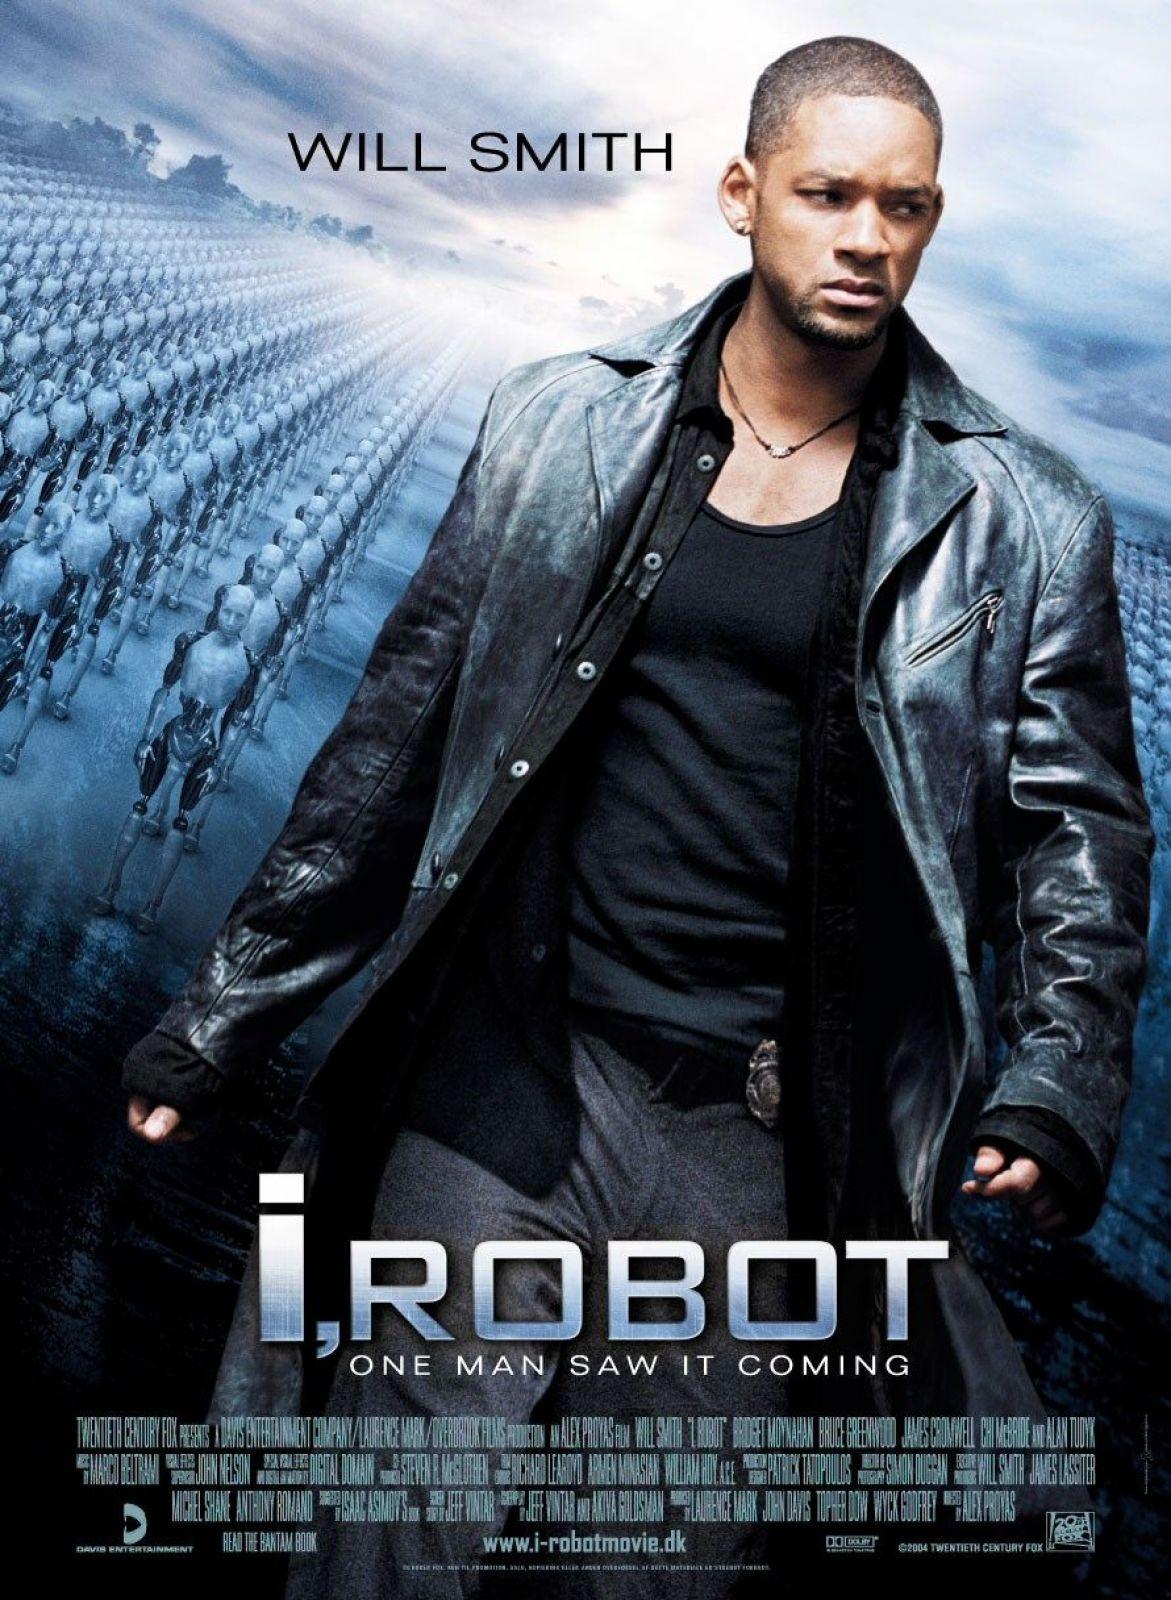 Yo, Robot Película Completa HD 1080p [MEGA] [LATINO]